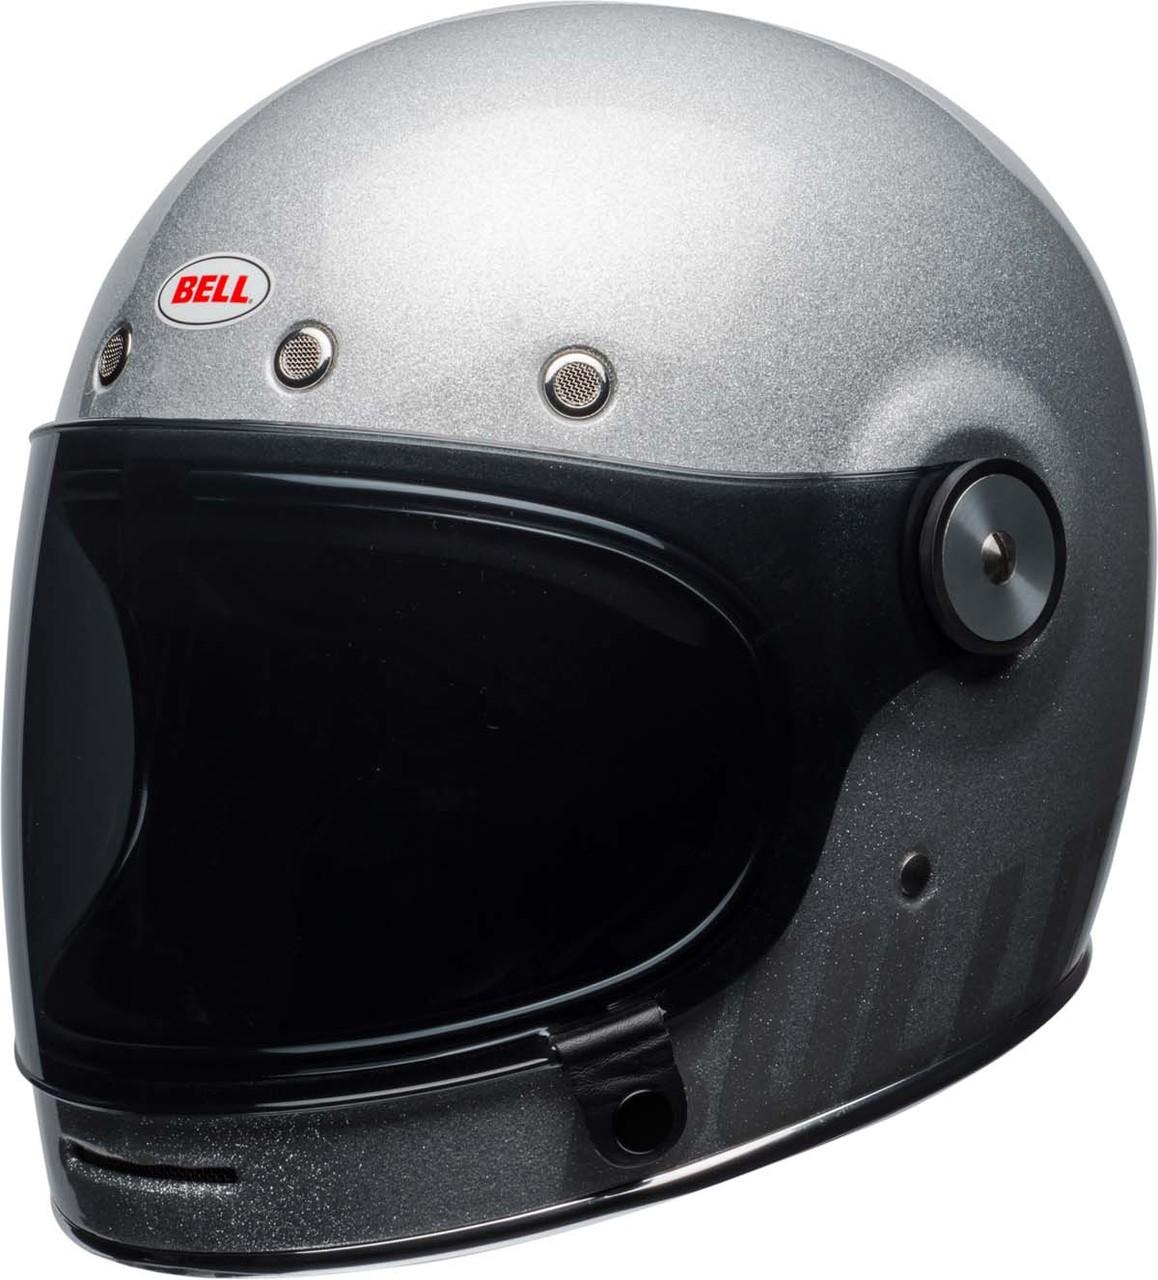 Bell Bullitt Helmet Gloss Silver Flake Front Left